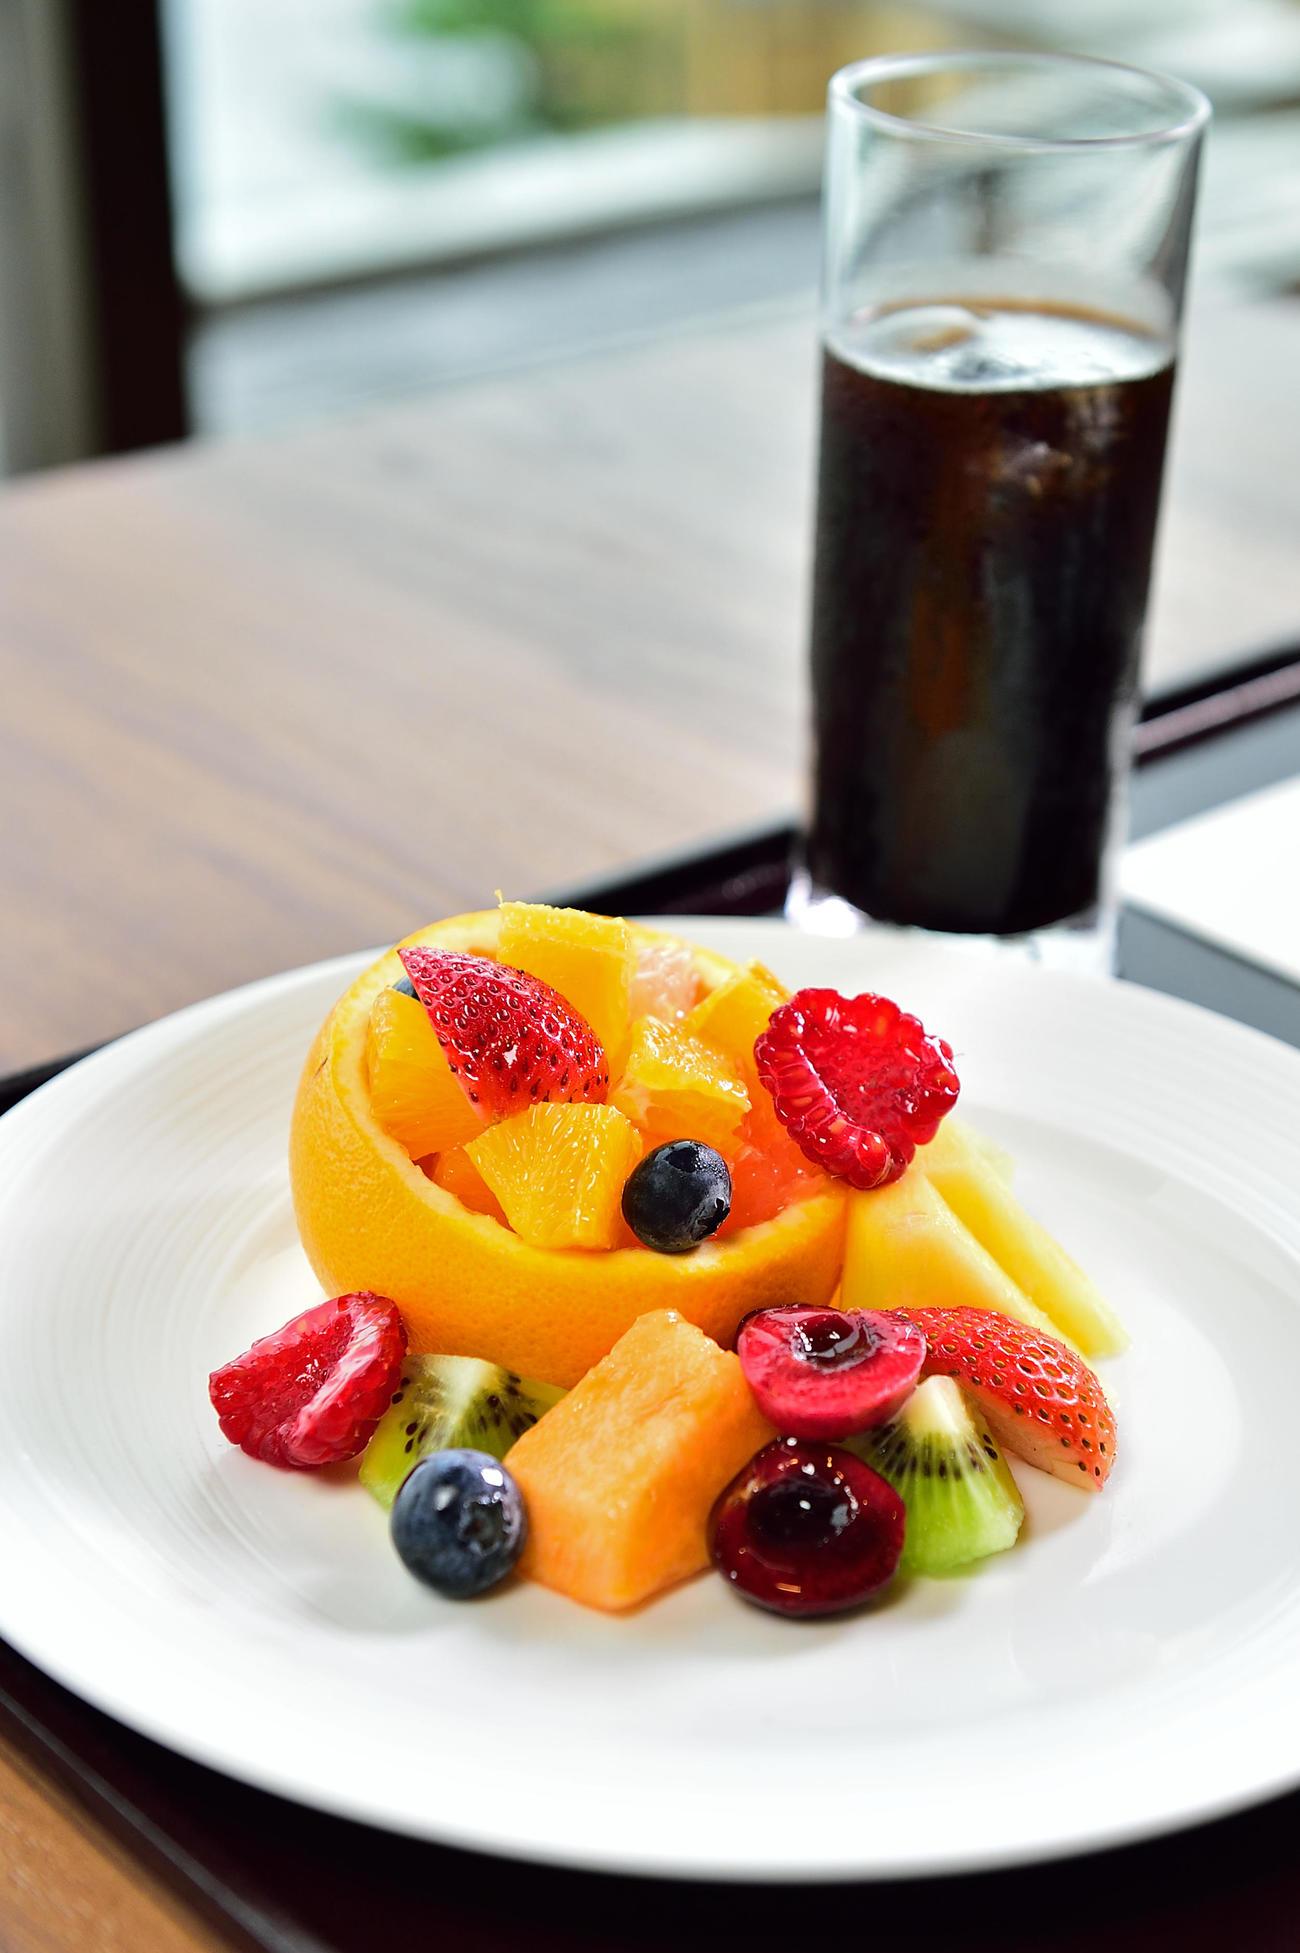 藤井聡太2冠が午前のおやつに注文したカットフルールとアイスコーヒー(日本将棋連盟提供)